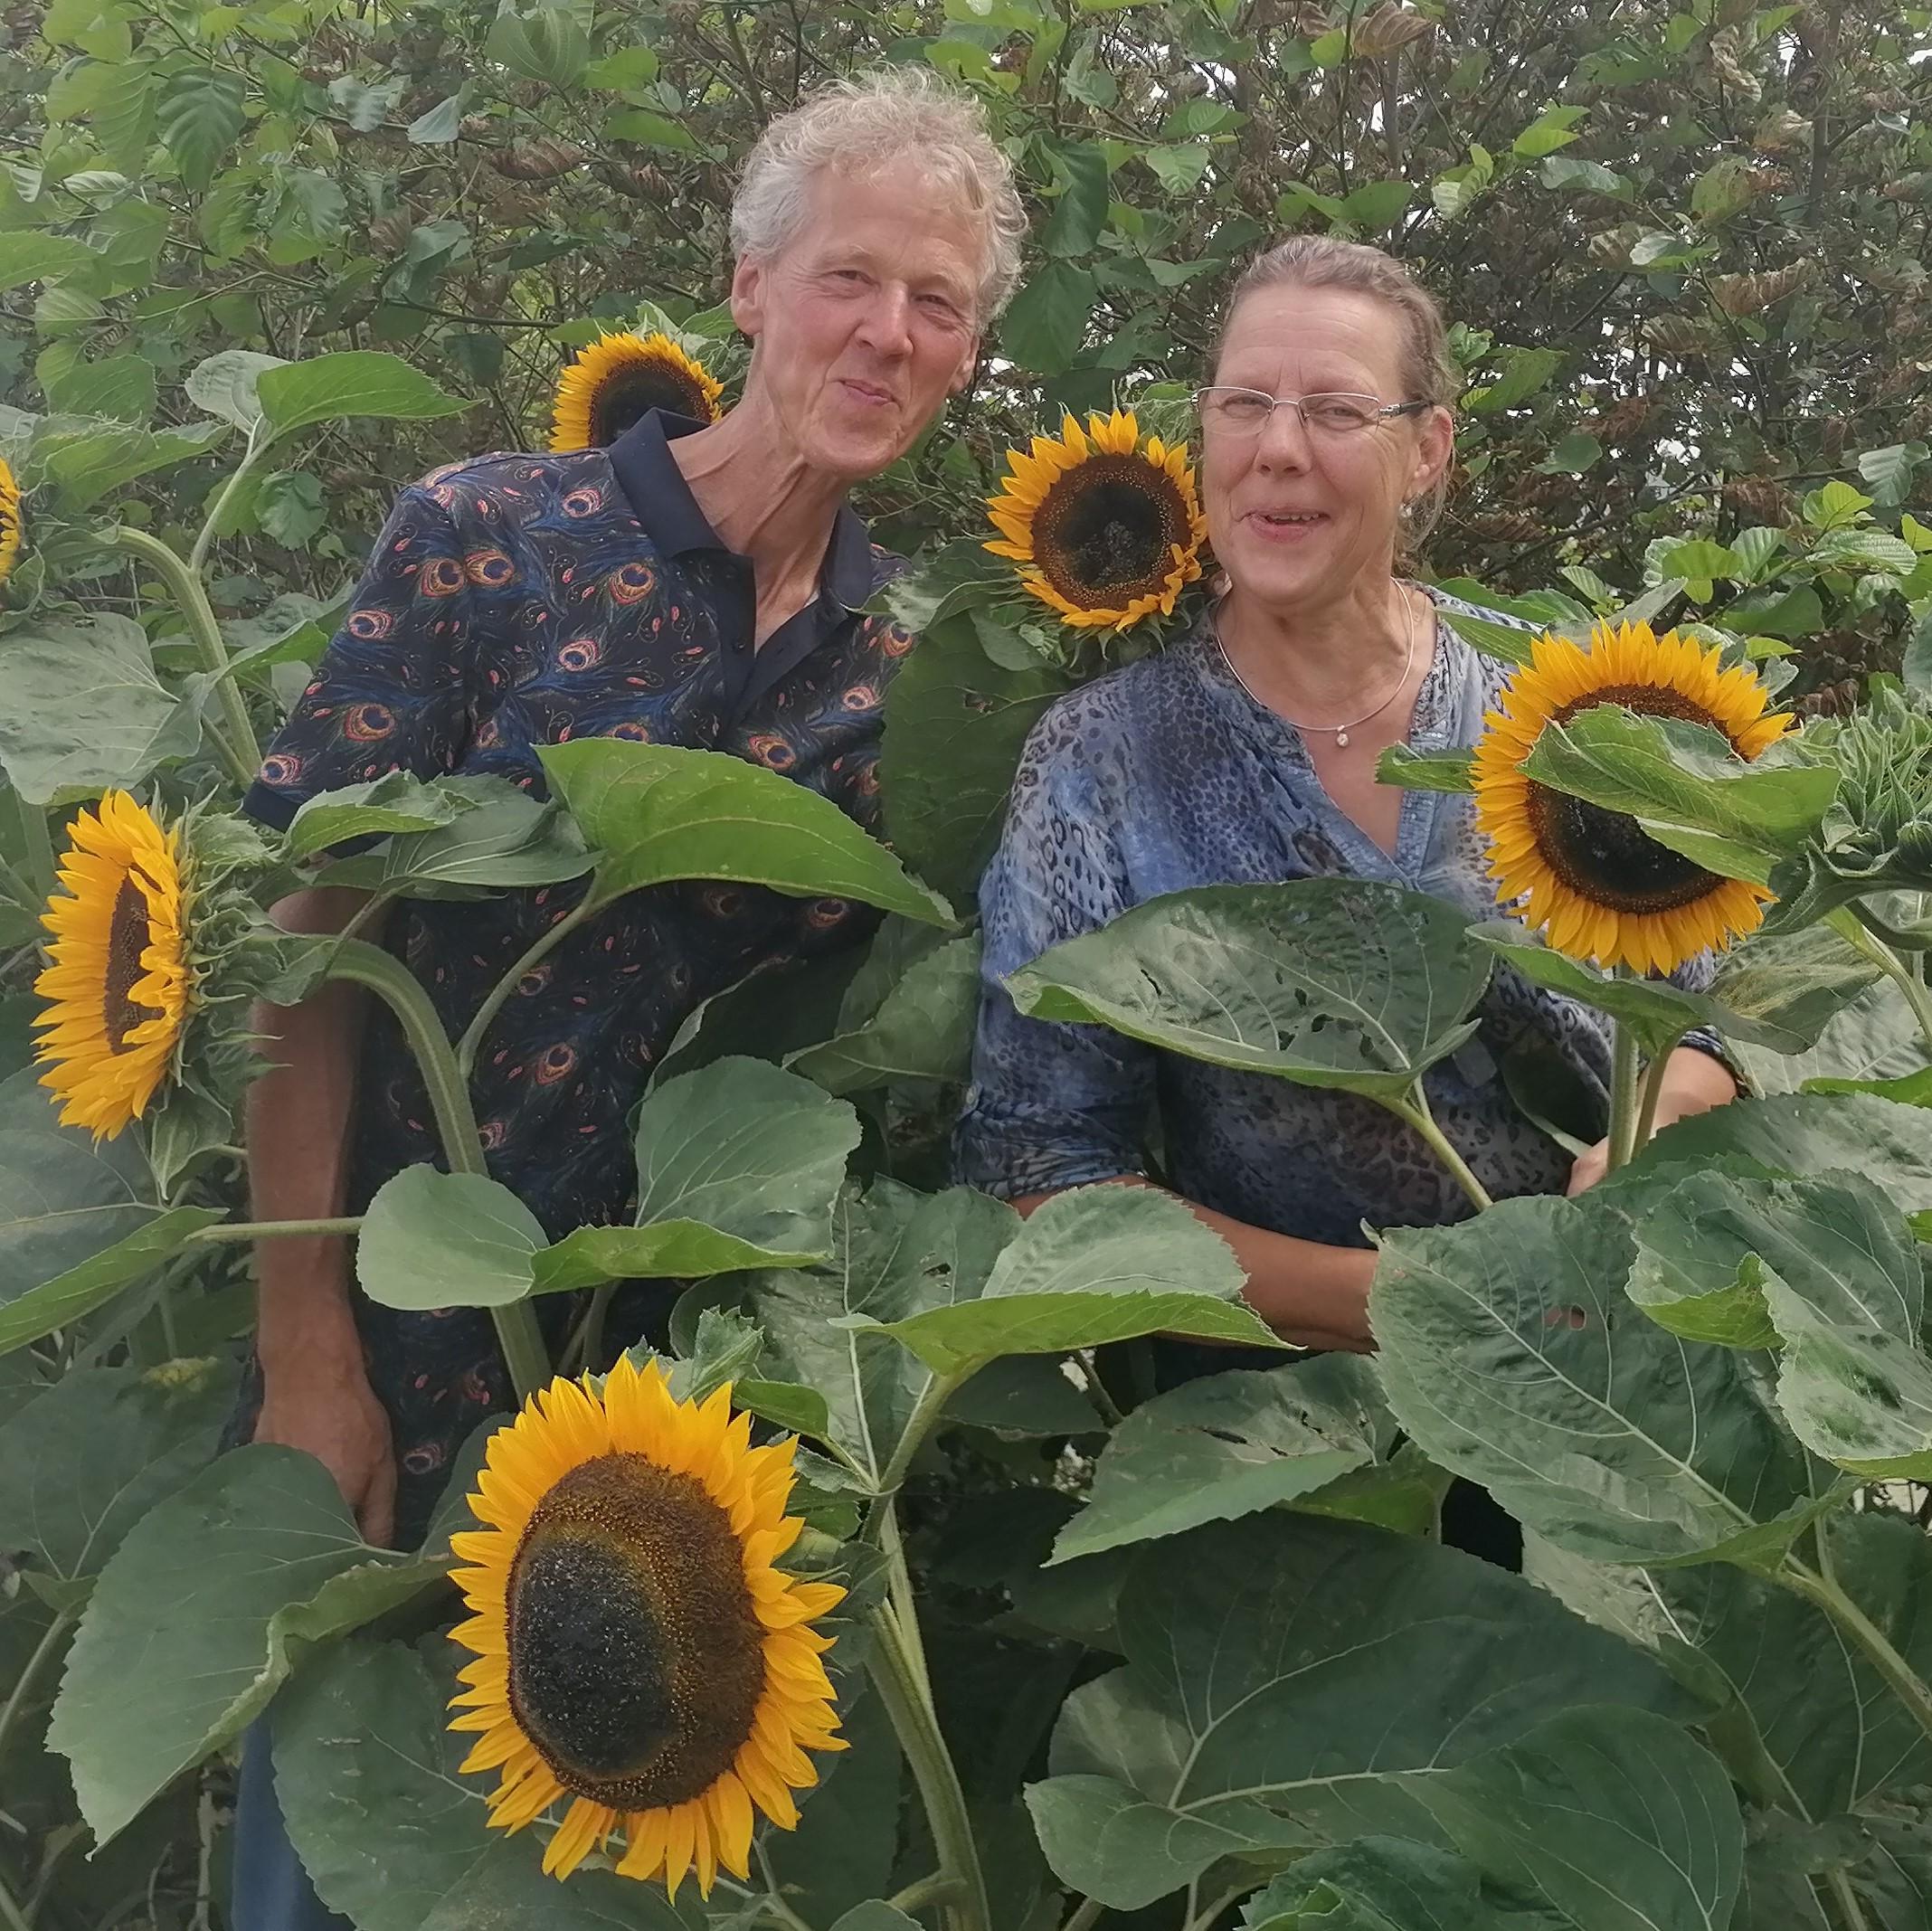 Co Bos en Elma Verhoeven van de Vitamine-fiets